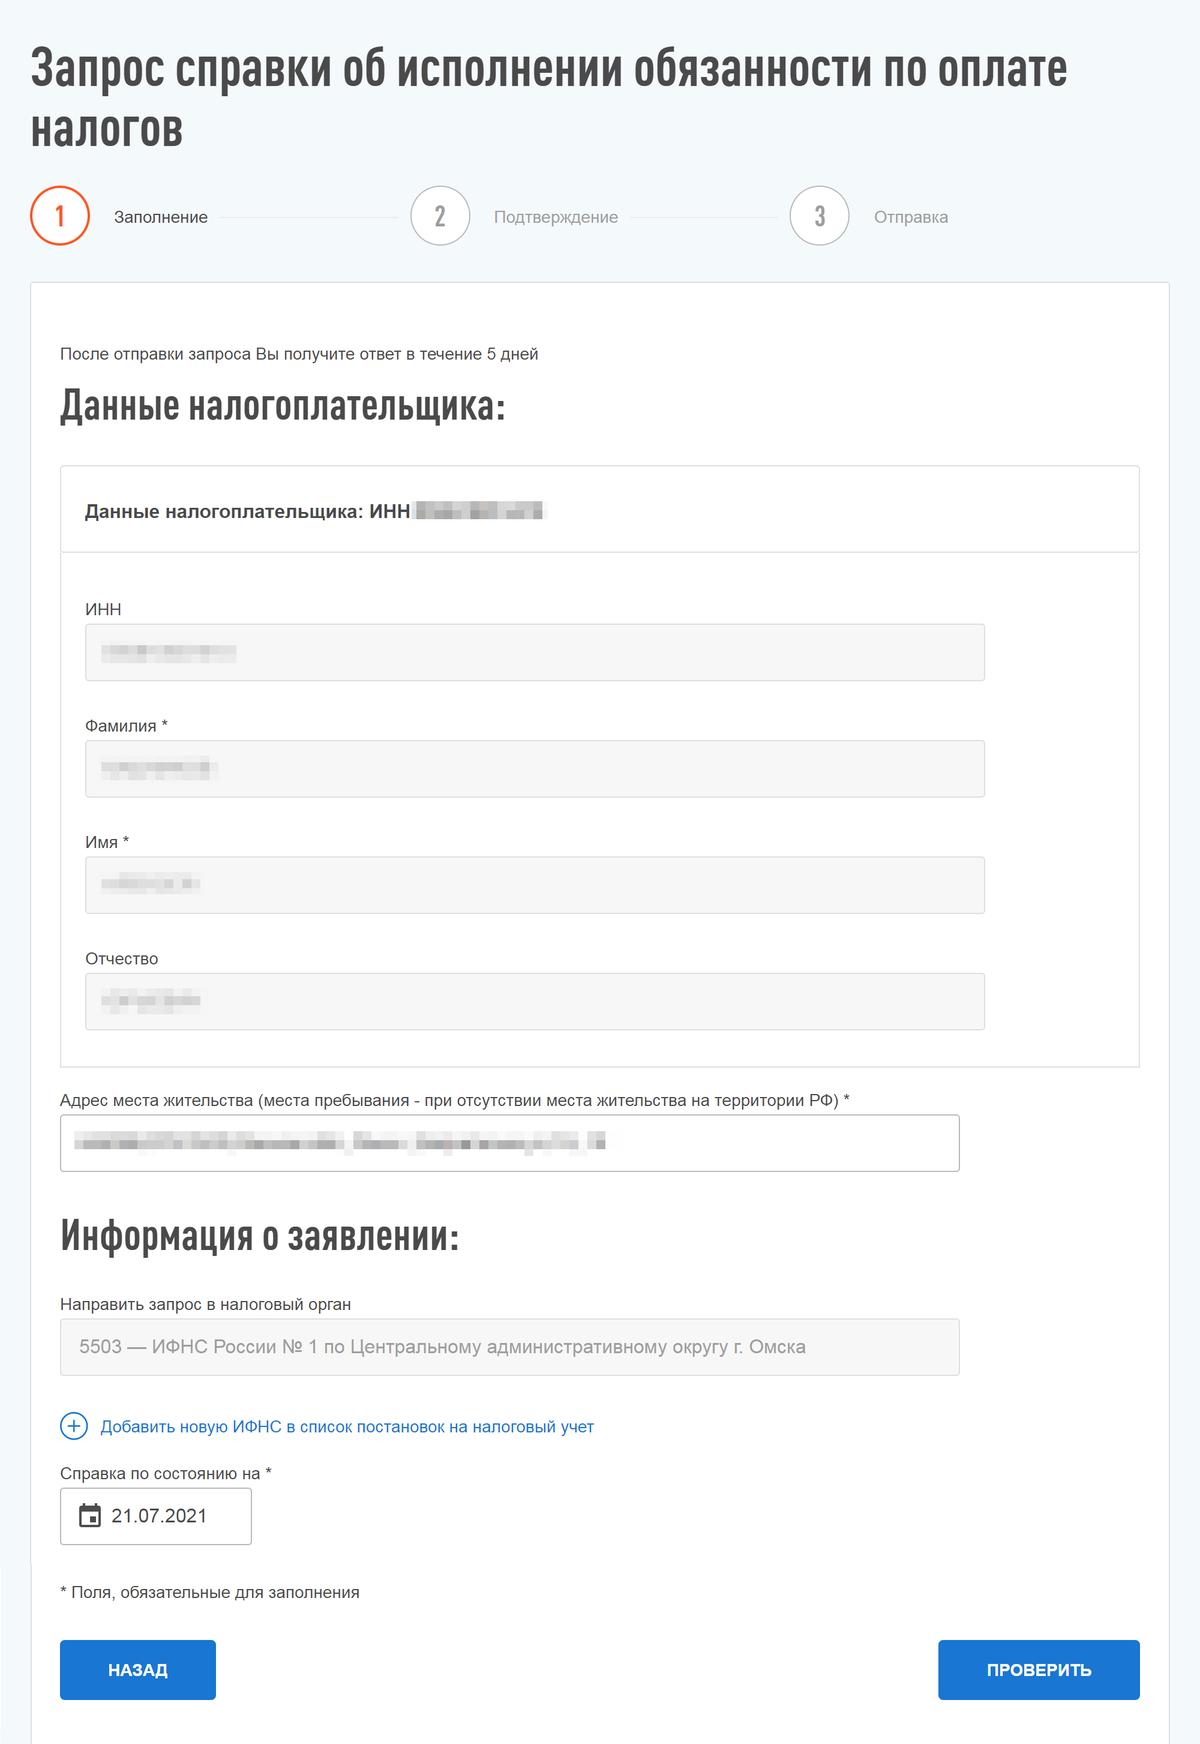 Нажмите кнопку «Проверить», чтобы программа проверила данные и сформировала заявление